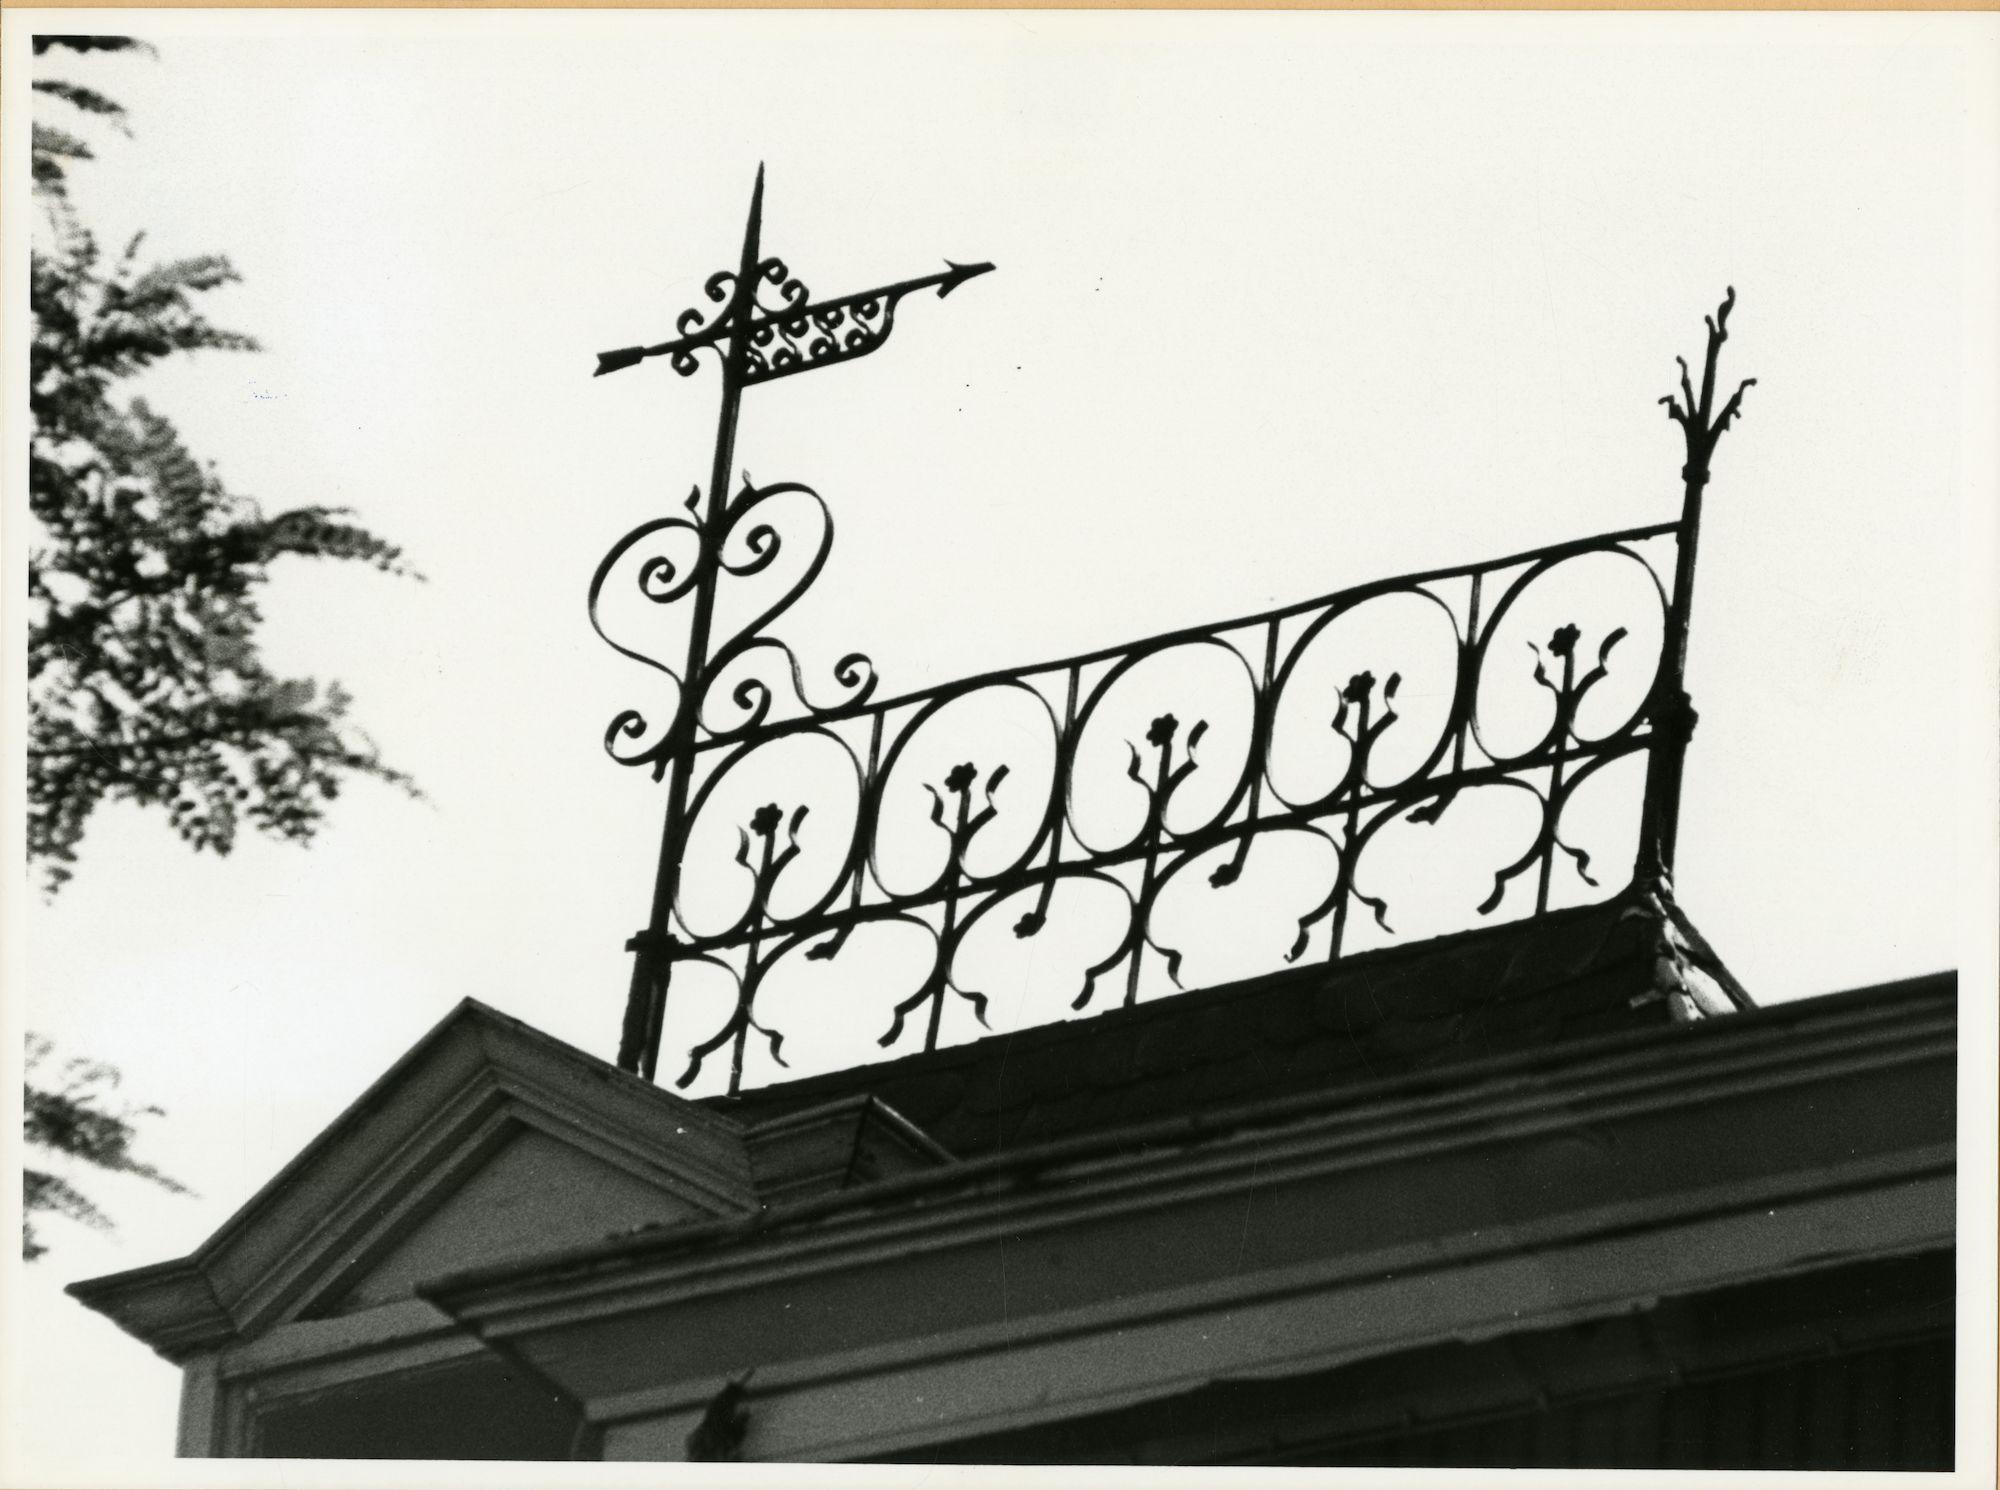 Gent: Meerhem 30: Nokversiering en windwijzer, 1979